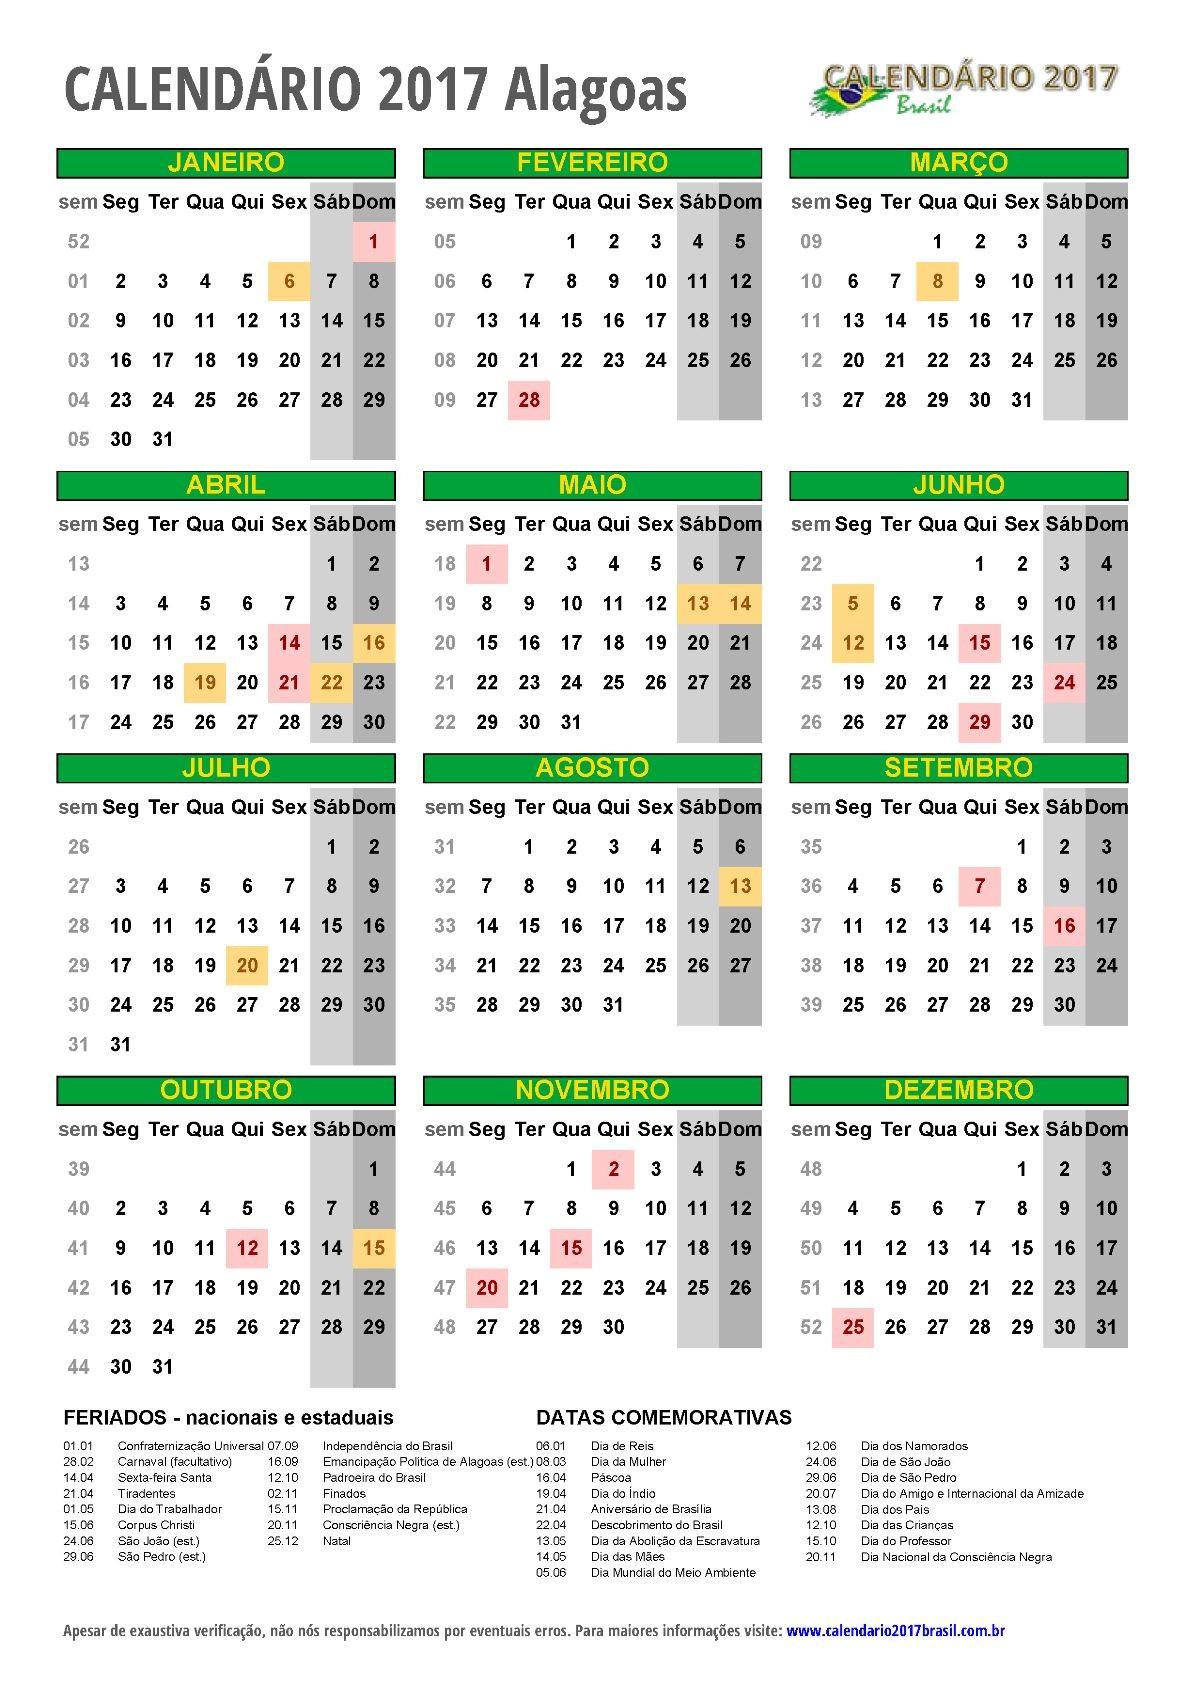 calendario 2017 Alagoas retrato m